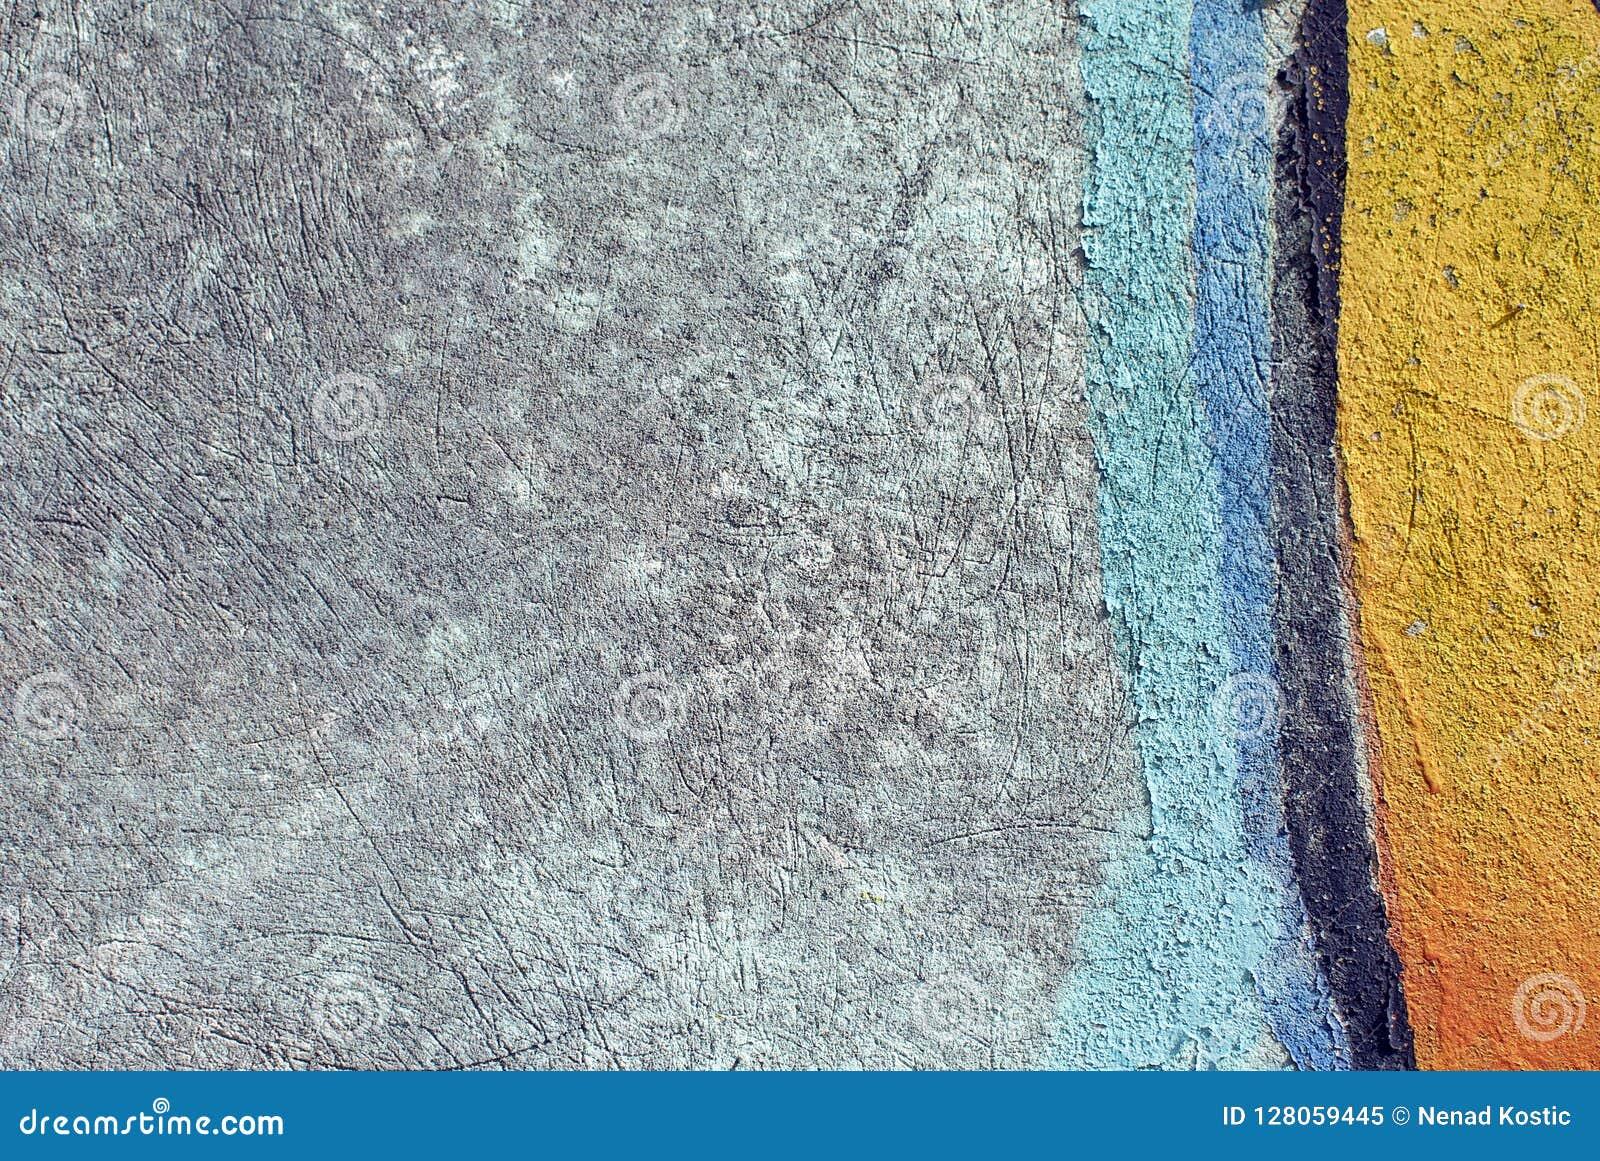 关闭膏药背景和有趣的纹理的墙壁纹理